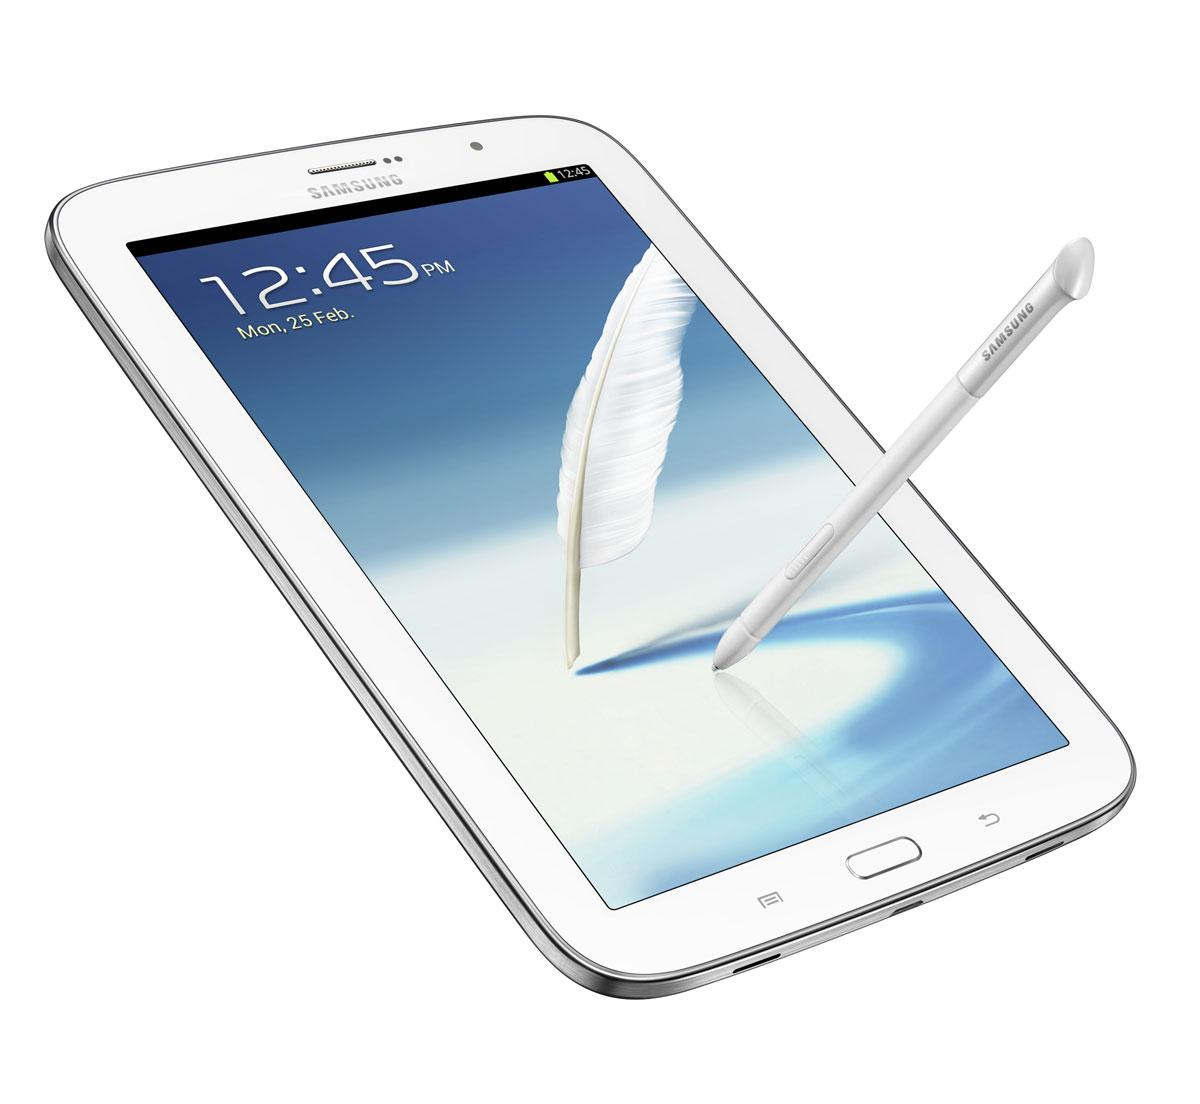 Samsung Galaxy Note 8 blanco con lapiz en pantalla